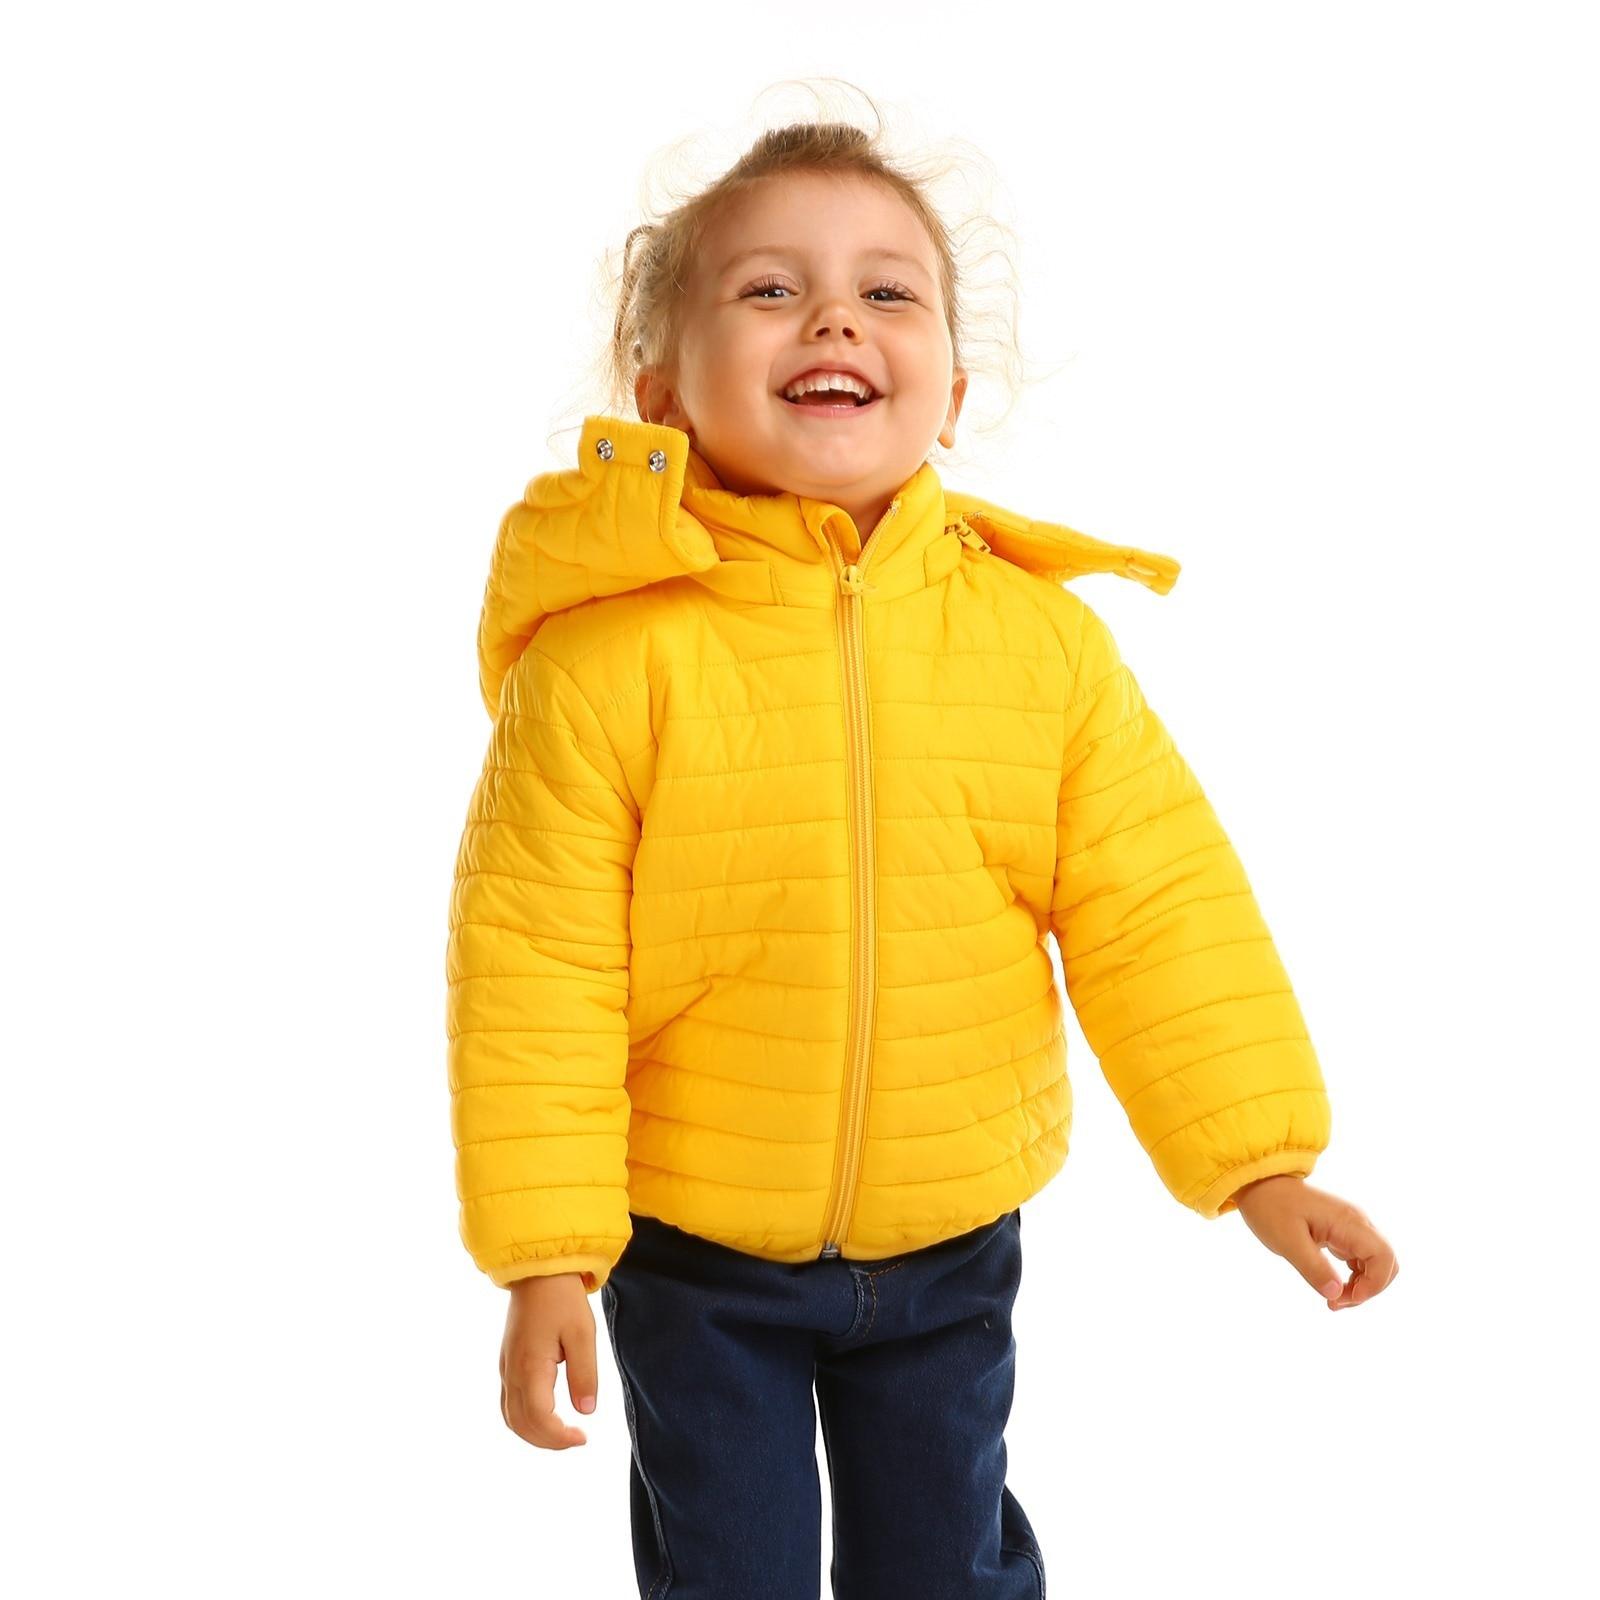 Ebebek hellobaby puffer crianças casaco jaqueta hoodies zíper manga completa cor sólida bebê natal vestidos 2020 bebê inverno casaco